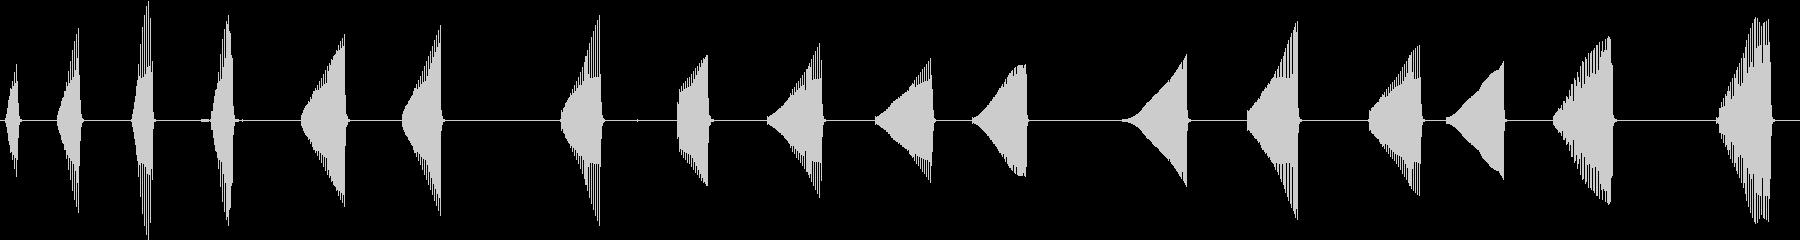 トーンベーススローアタックの未再生の波形